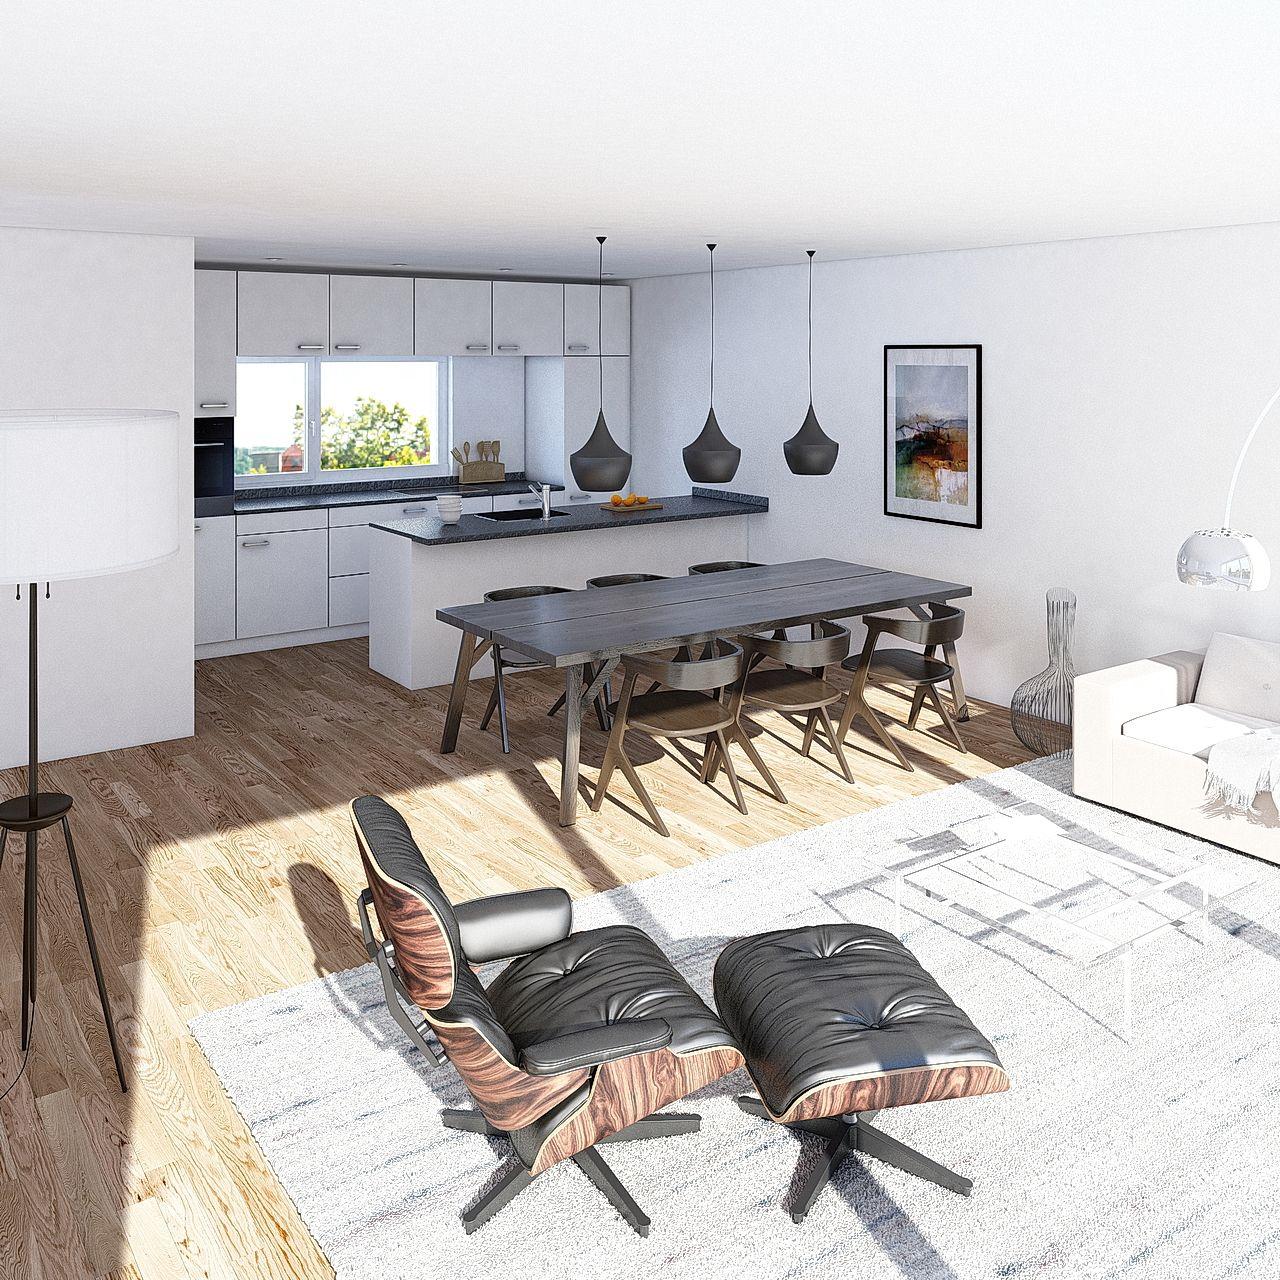 Für ein Wohnungsbauprojekt in der Schweiz hat LINK3D Architekturvisualisierung aus Freiburg diese Innenraumvisualisierung erstellt.